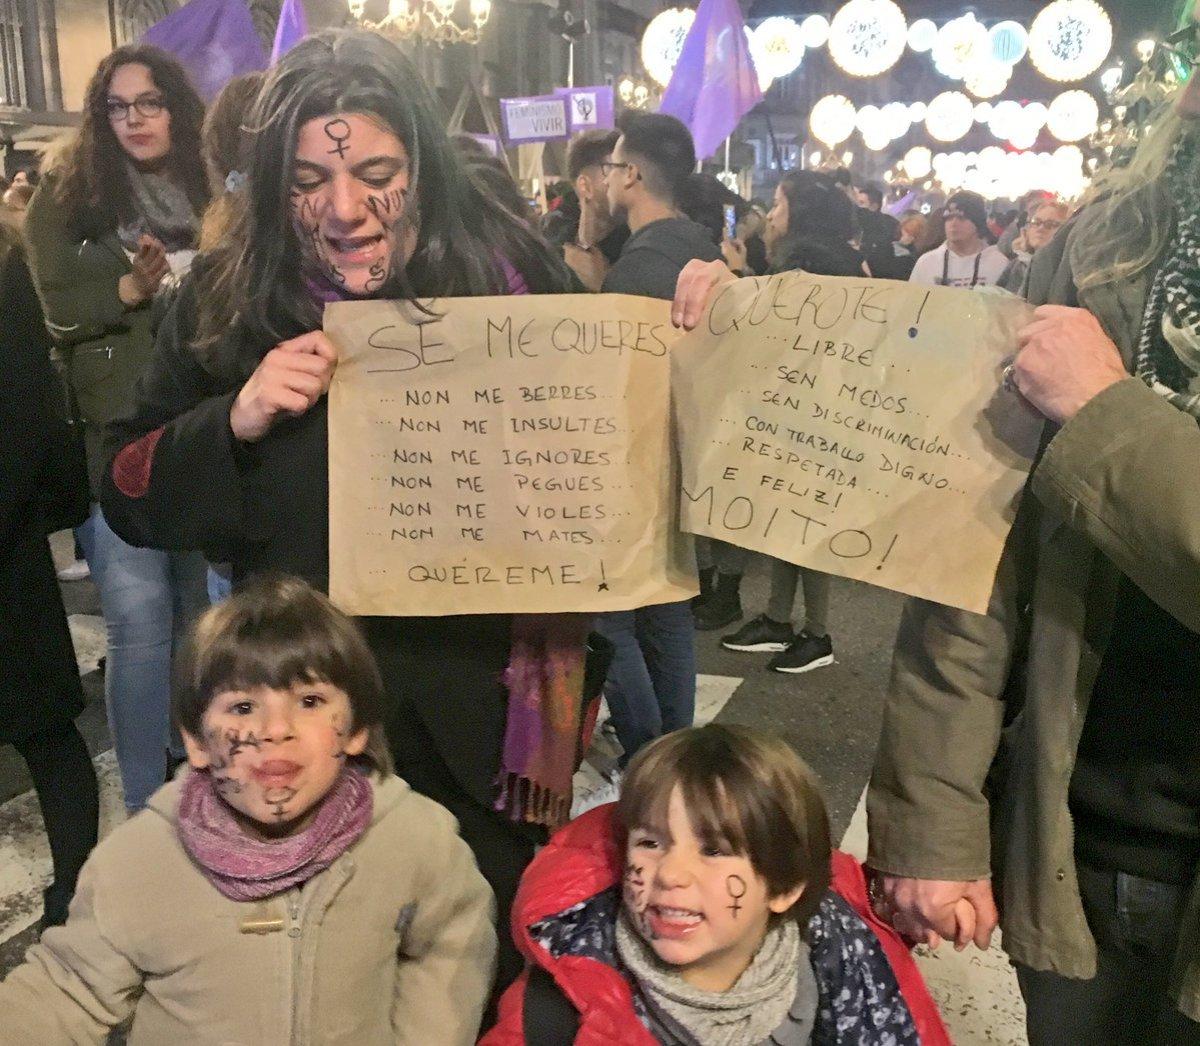 Un intre da manifestación en Vigo